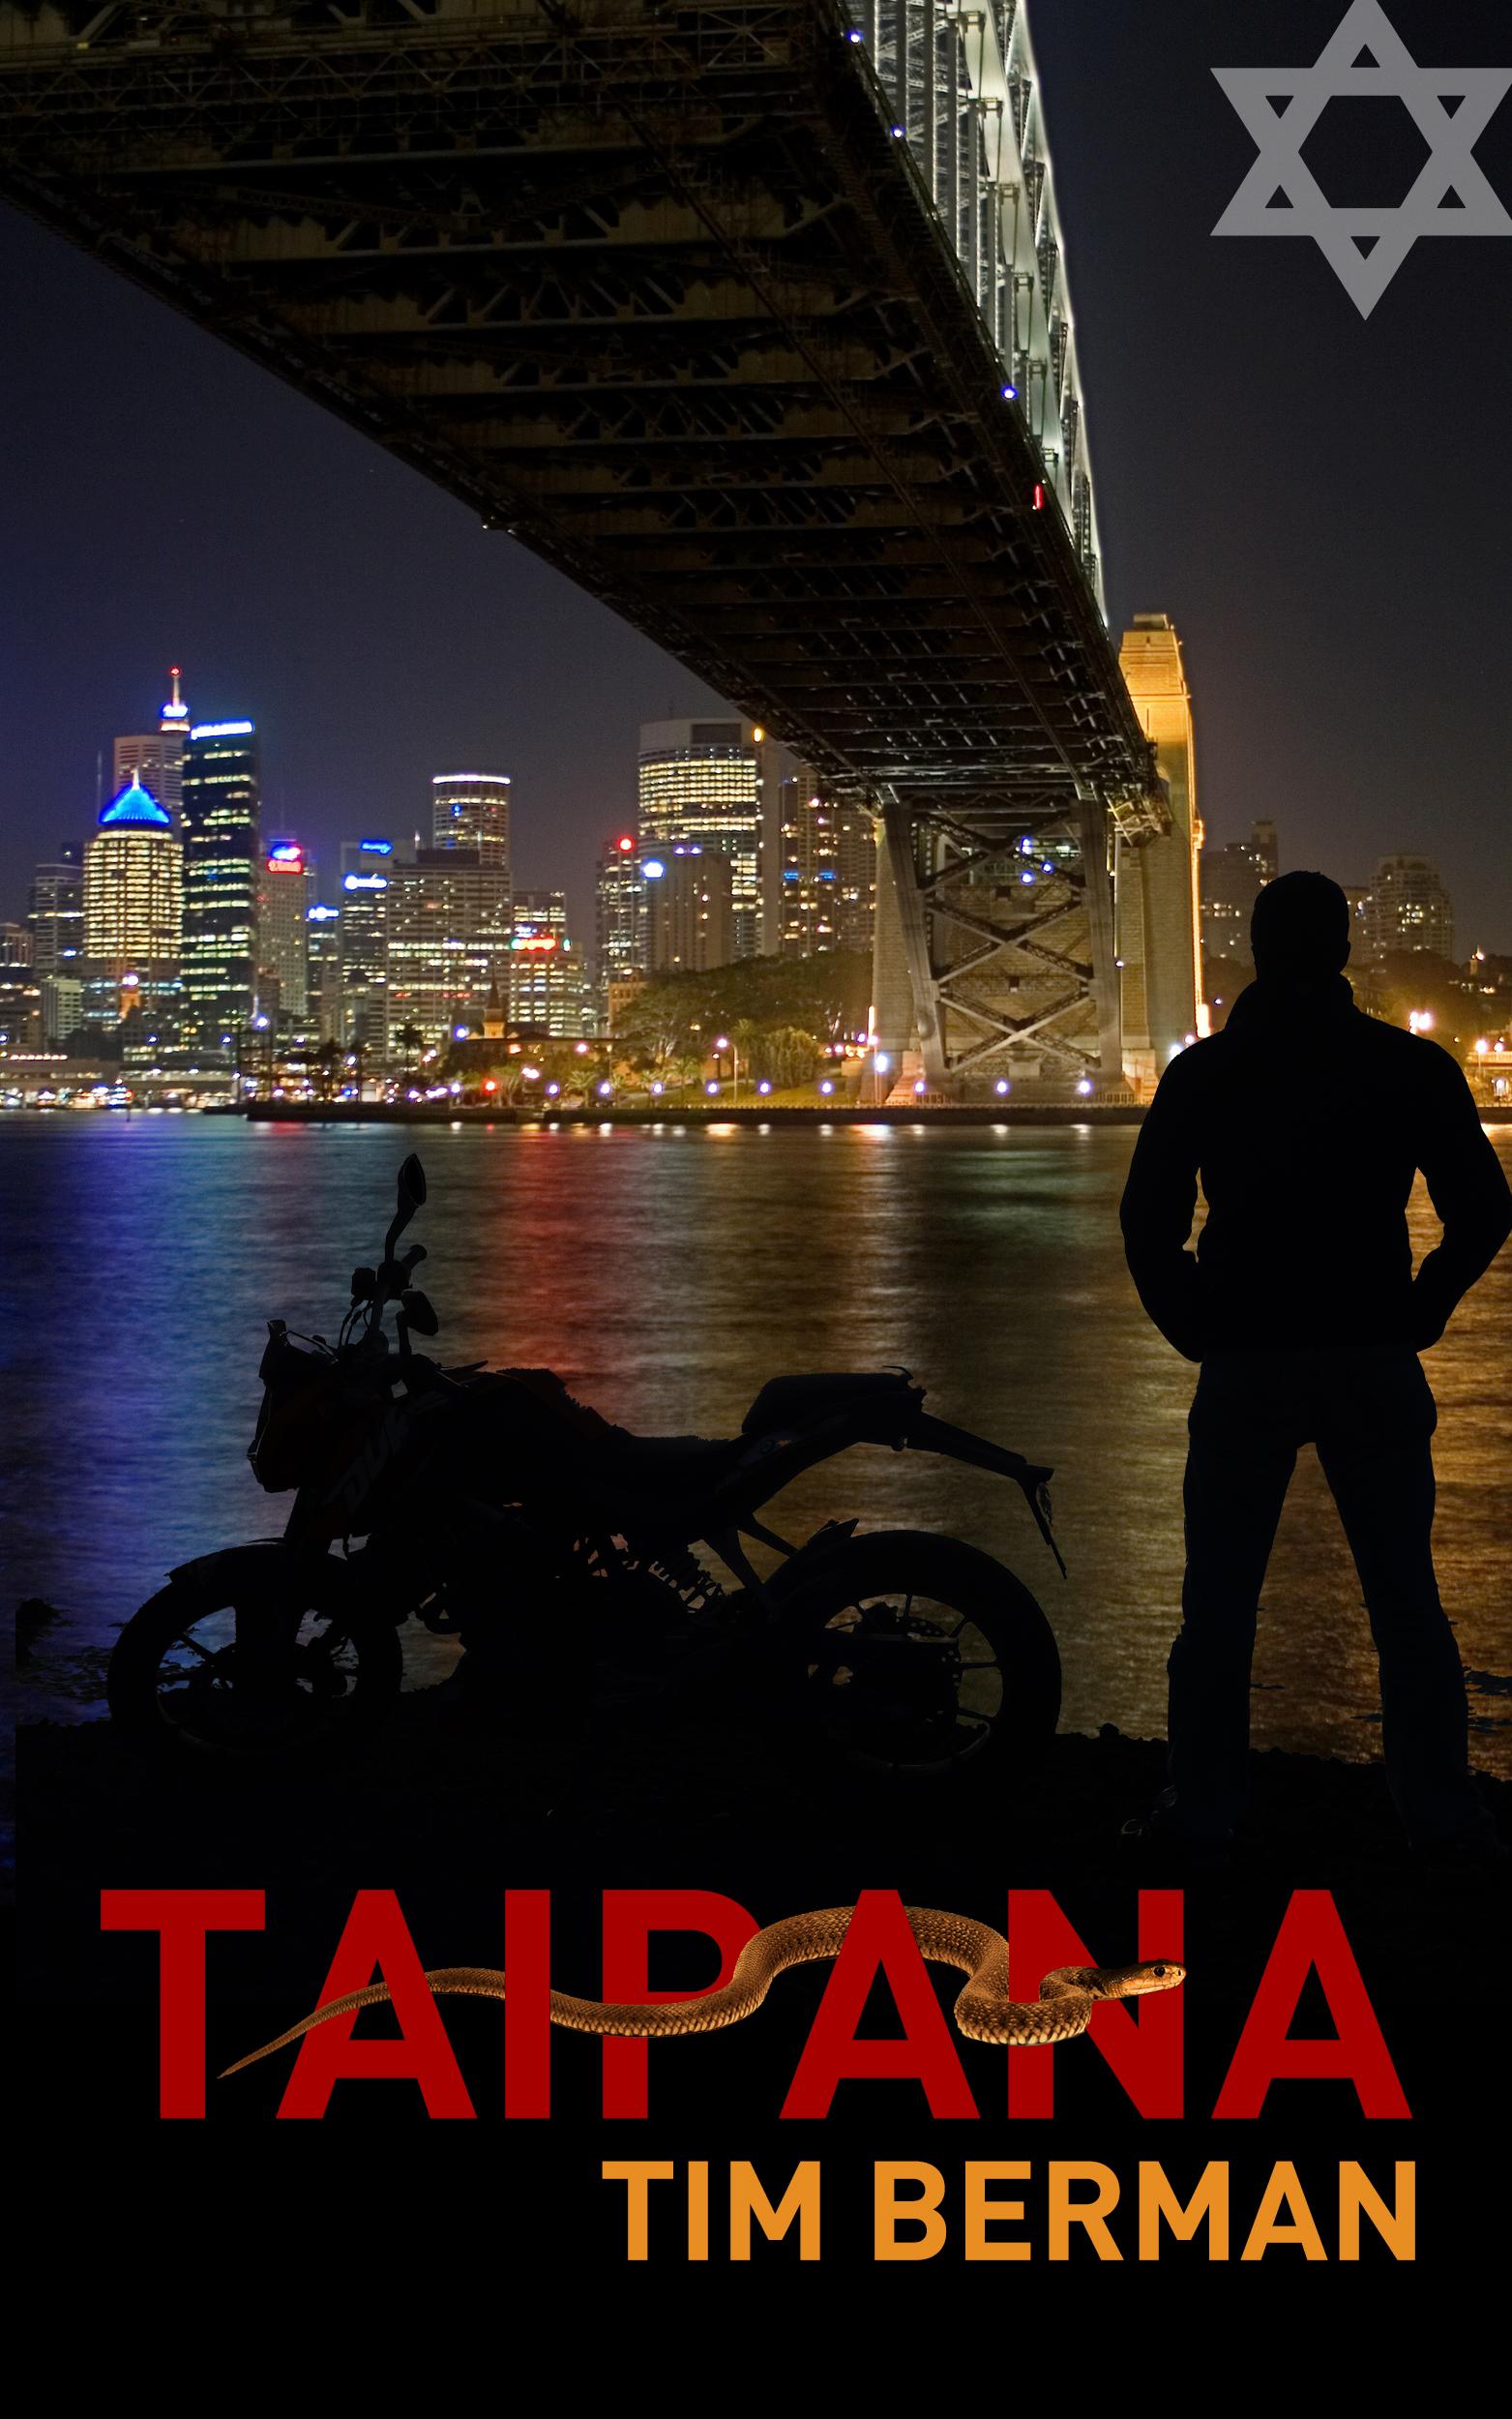 Taipana